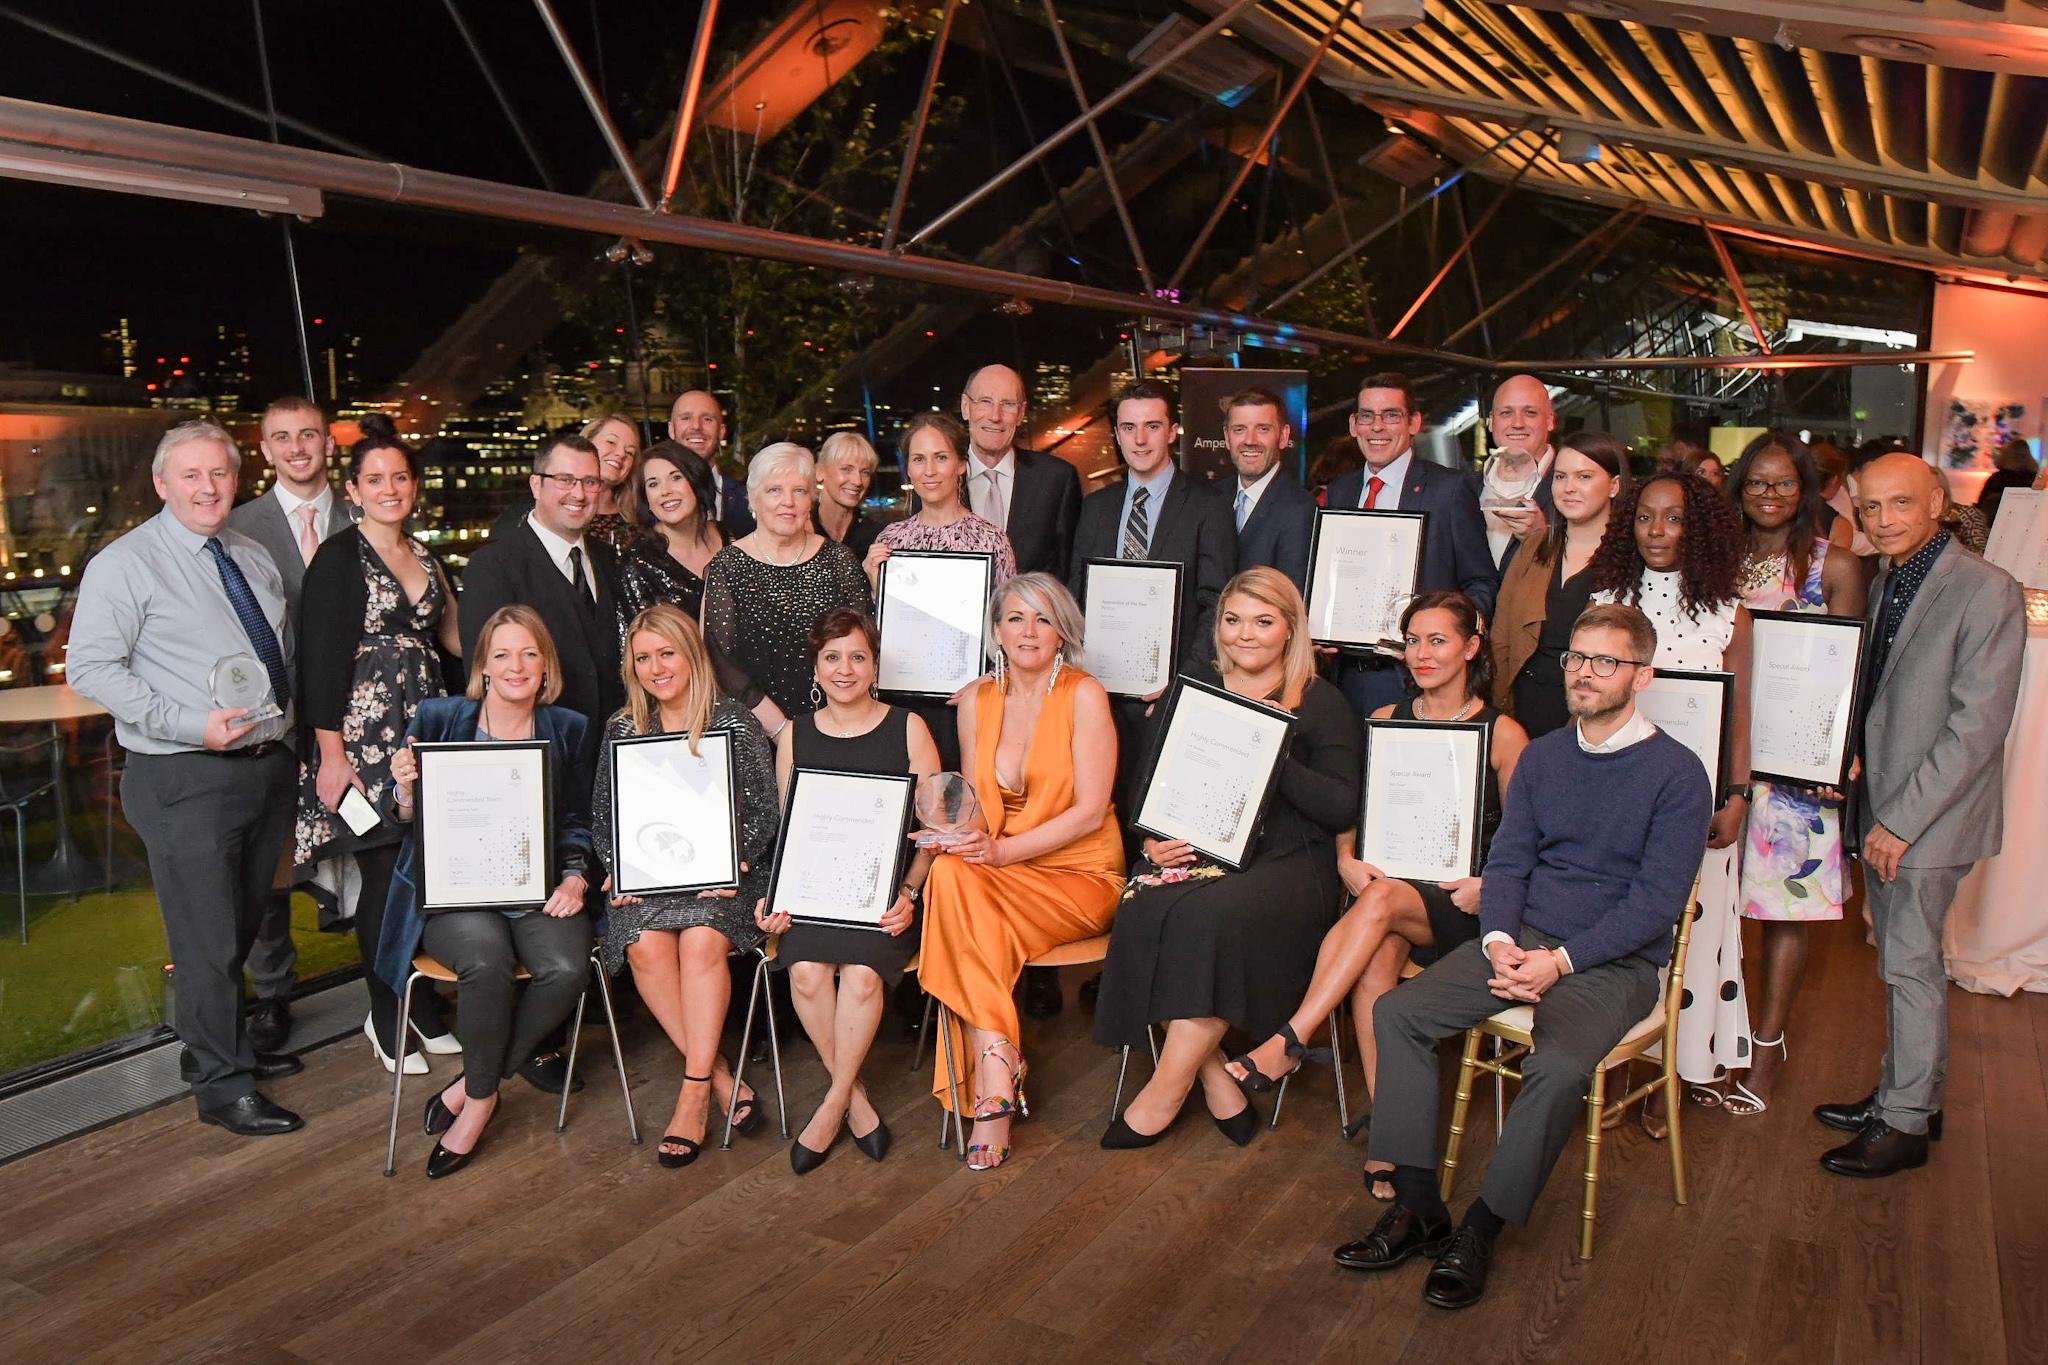 Ampersand Award recipients 2019